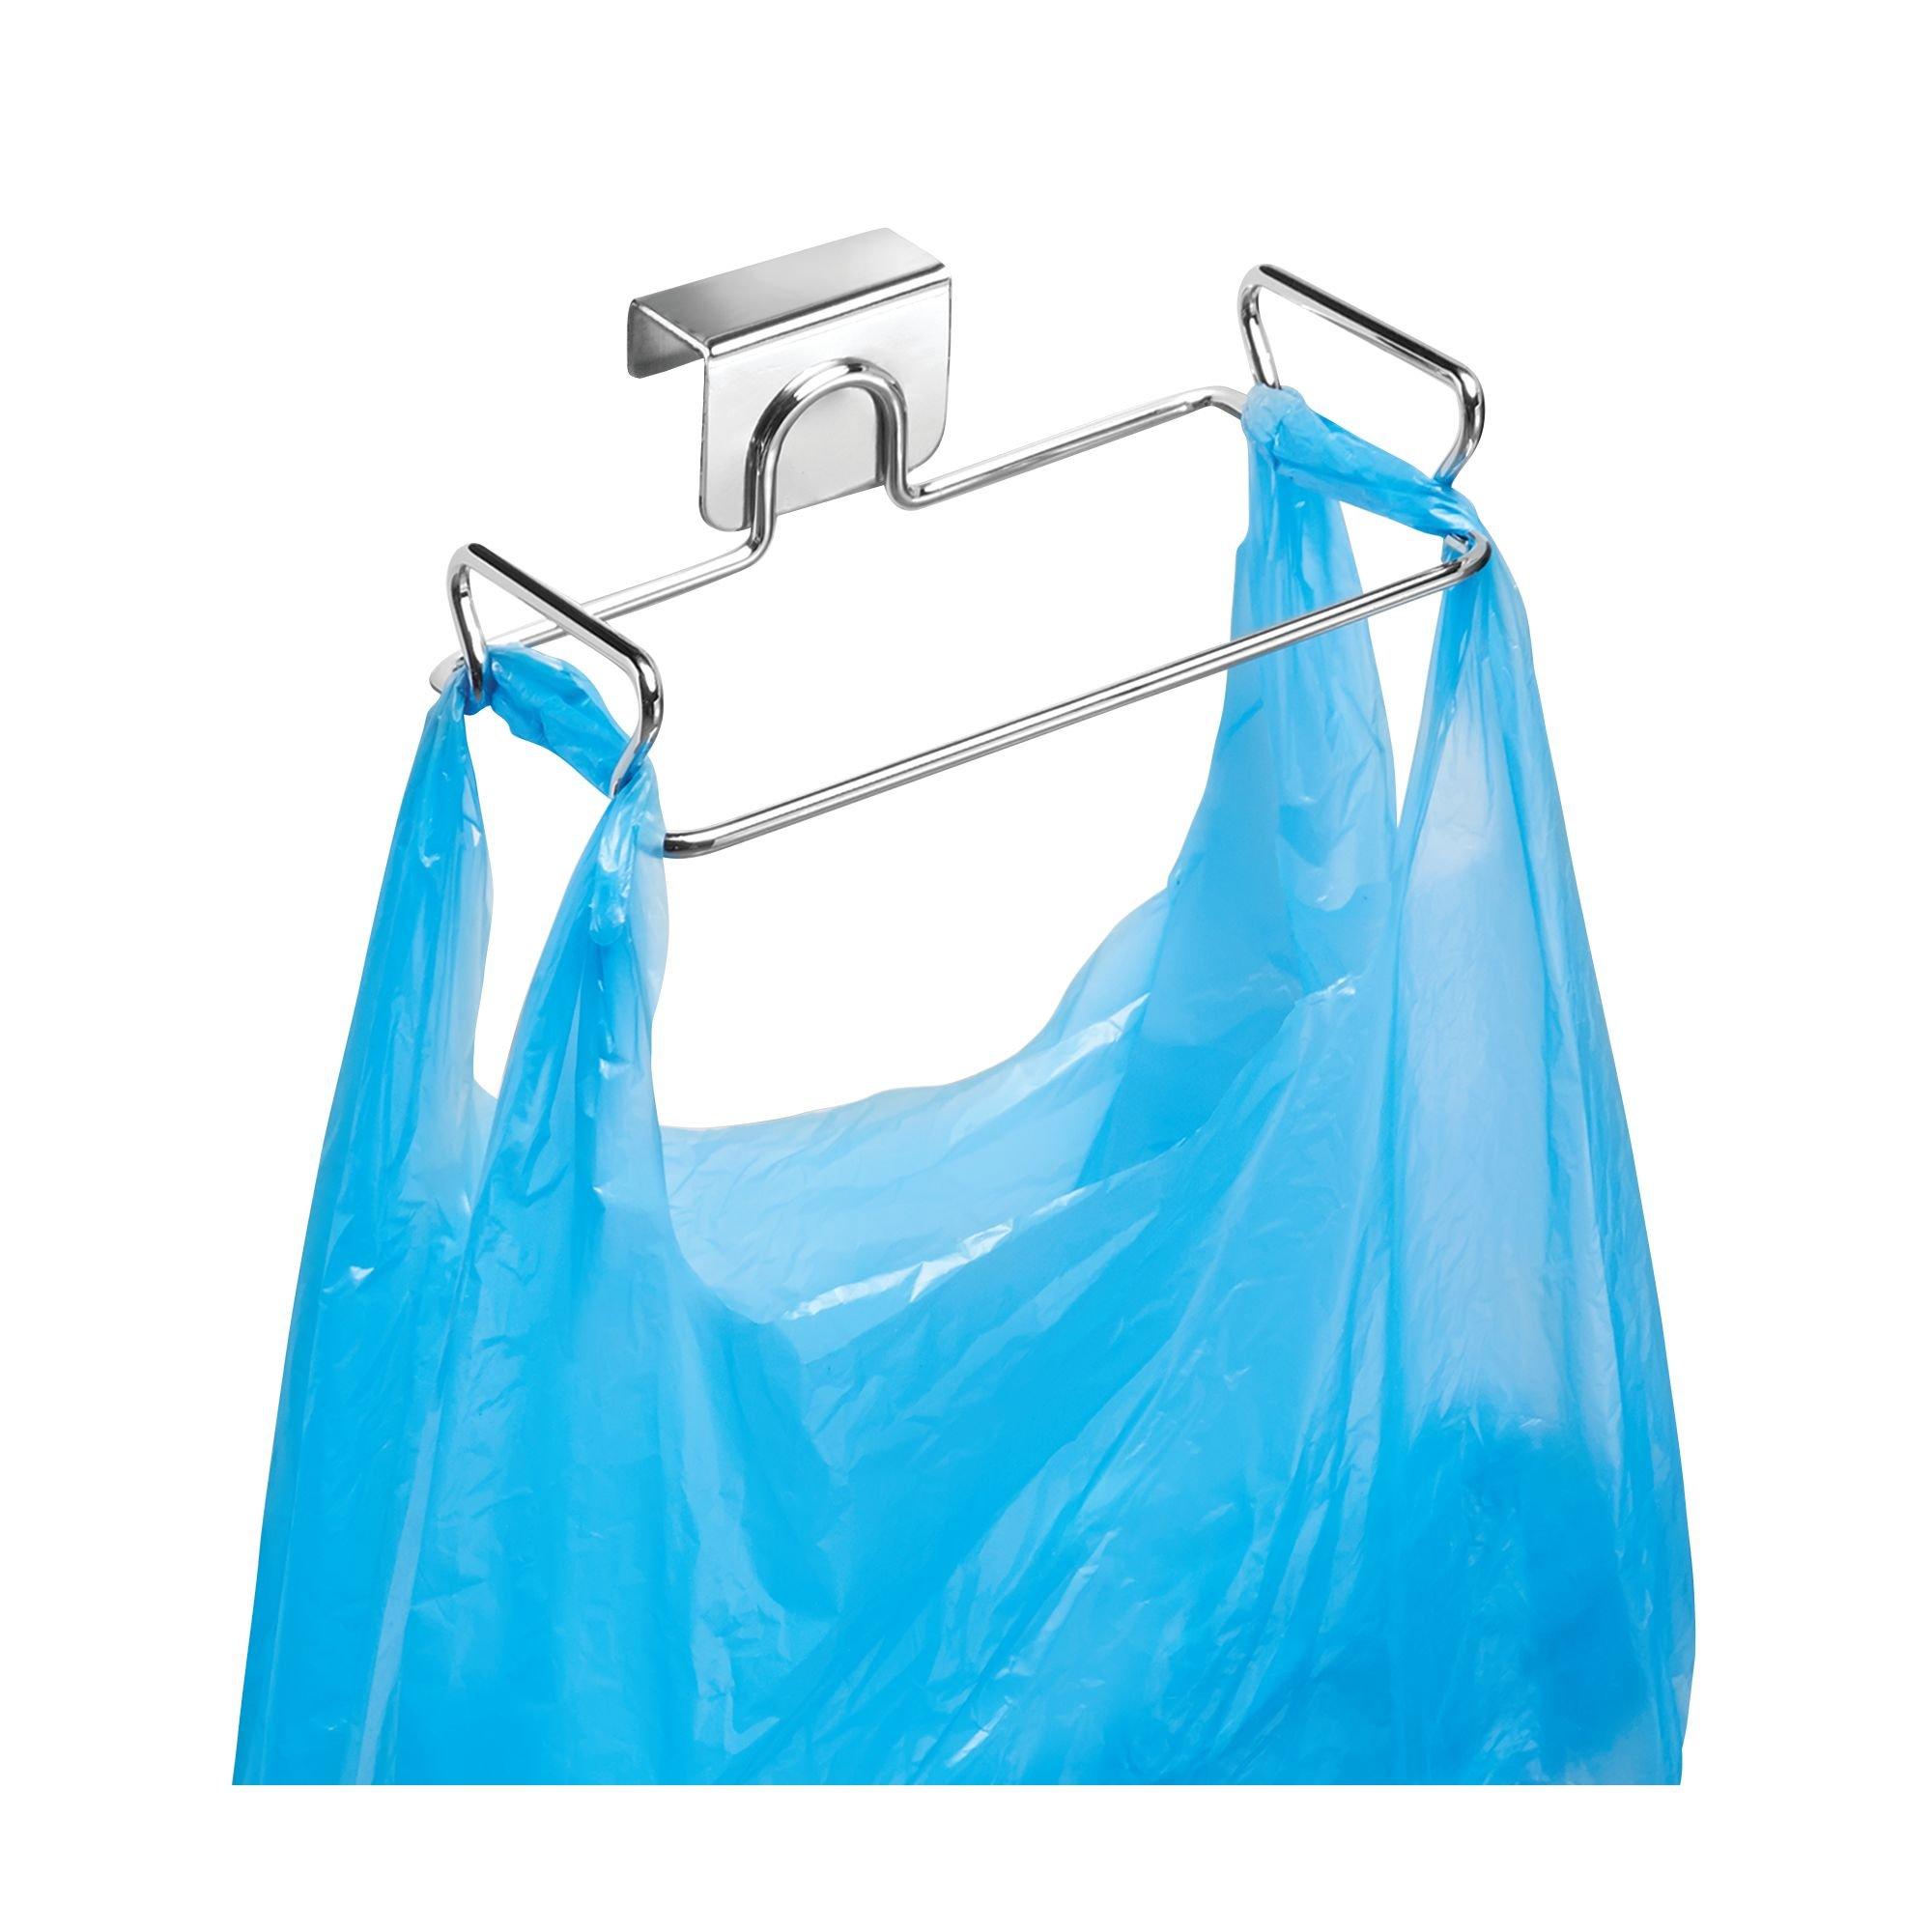 InterDesign Classico Soporte para bolsas de basura, pequeño colgador de puerta en metal, colgador